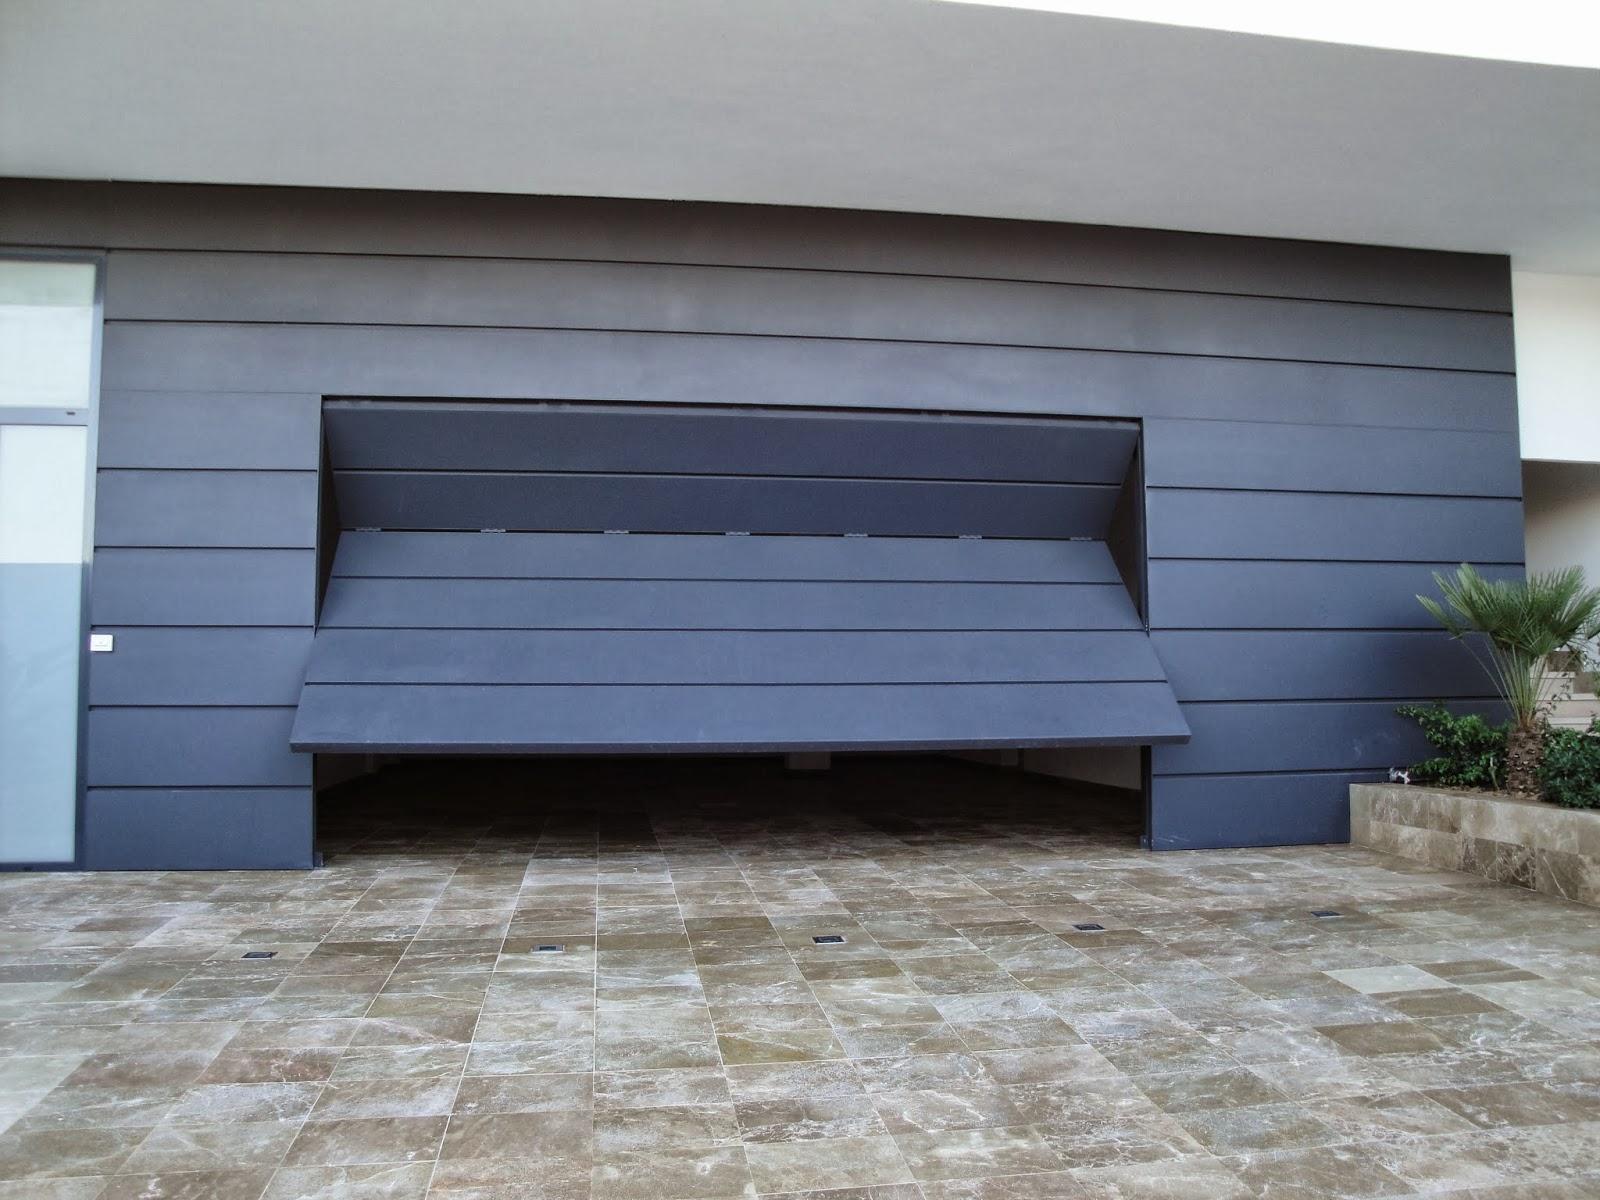 Puertas basculantes puertas de garaje en murcia frampe - Puertas de garaje basculantes precios ...